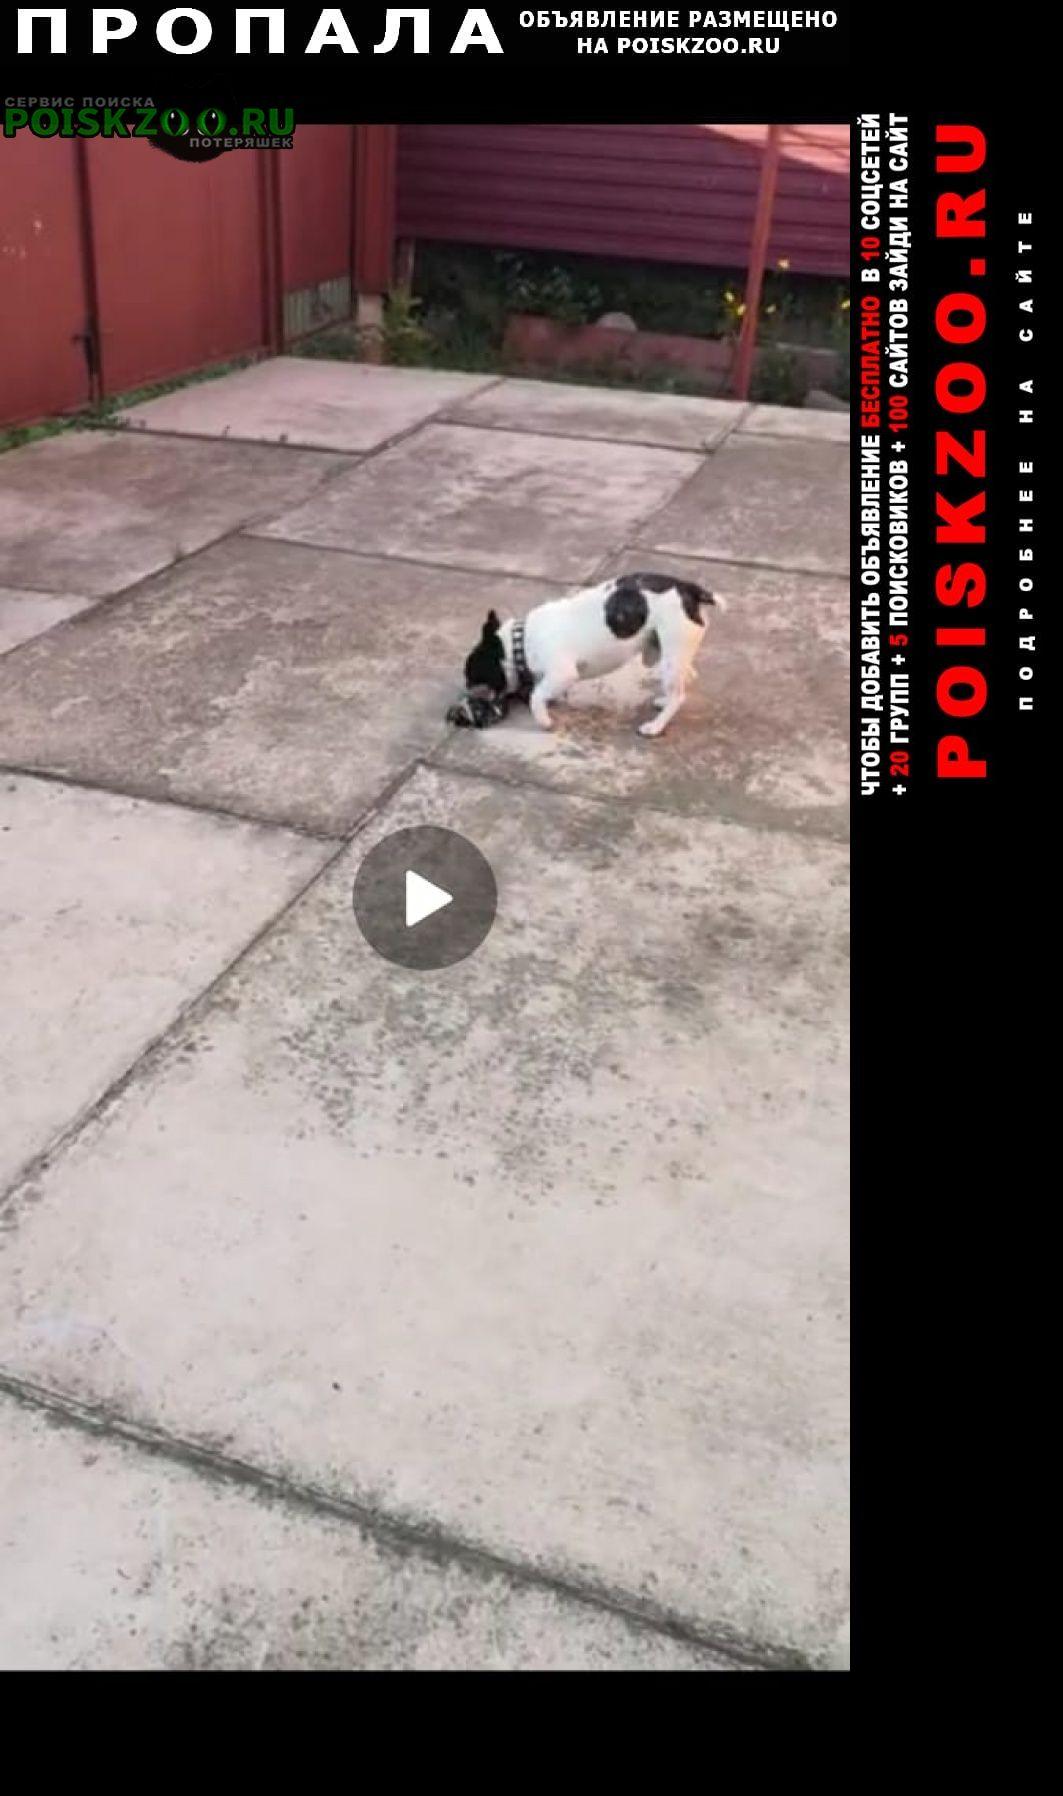 Пропала собака кобель срочно Армавир